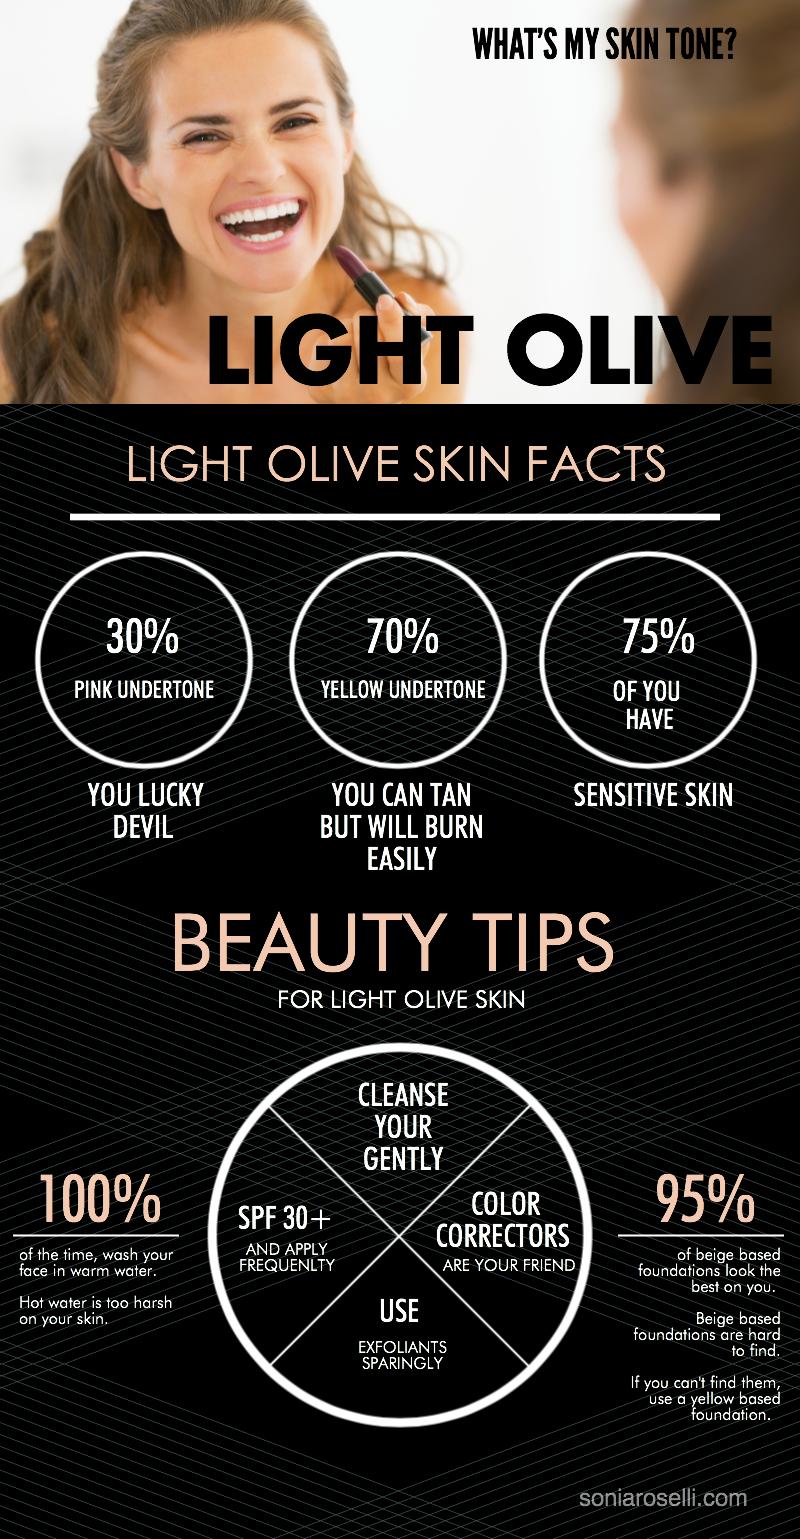 Light Olive Skin Make Up And Nails In 2019 Light Olive